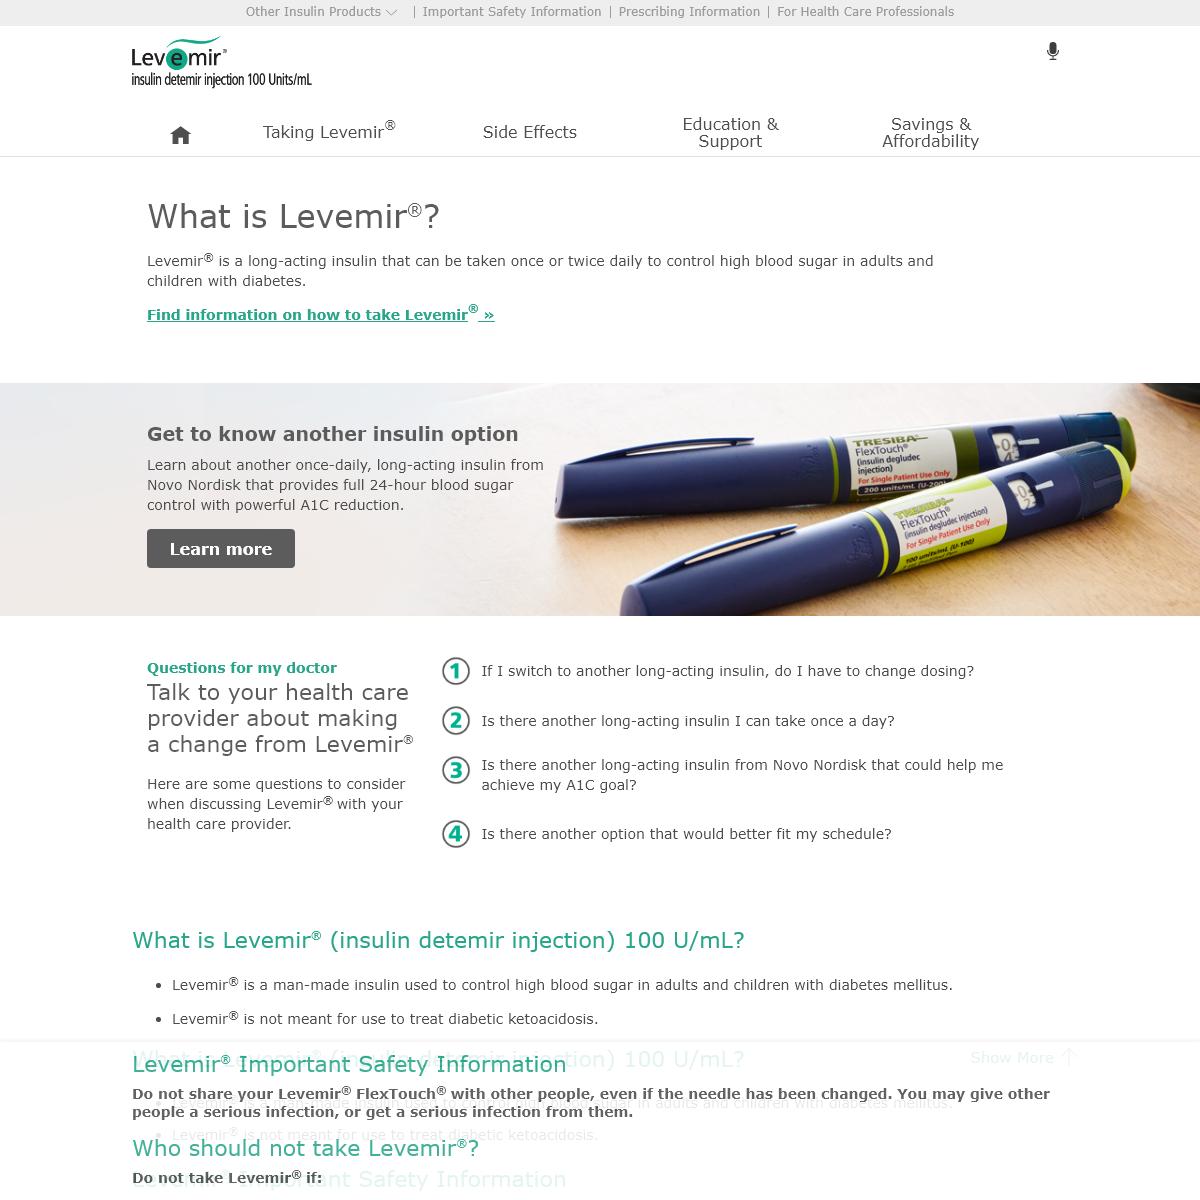 About Levemir® - Levemir® (insulin detemir injection) 100 Units-mL